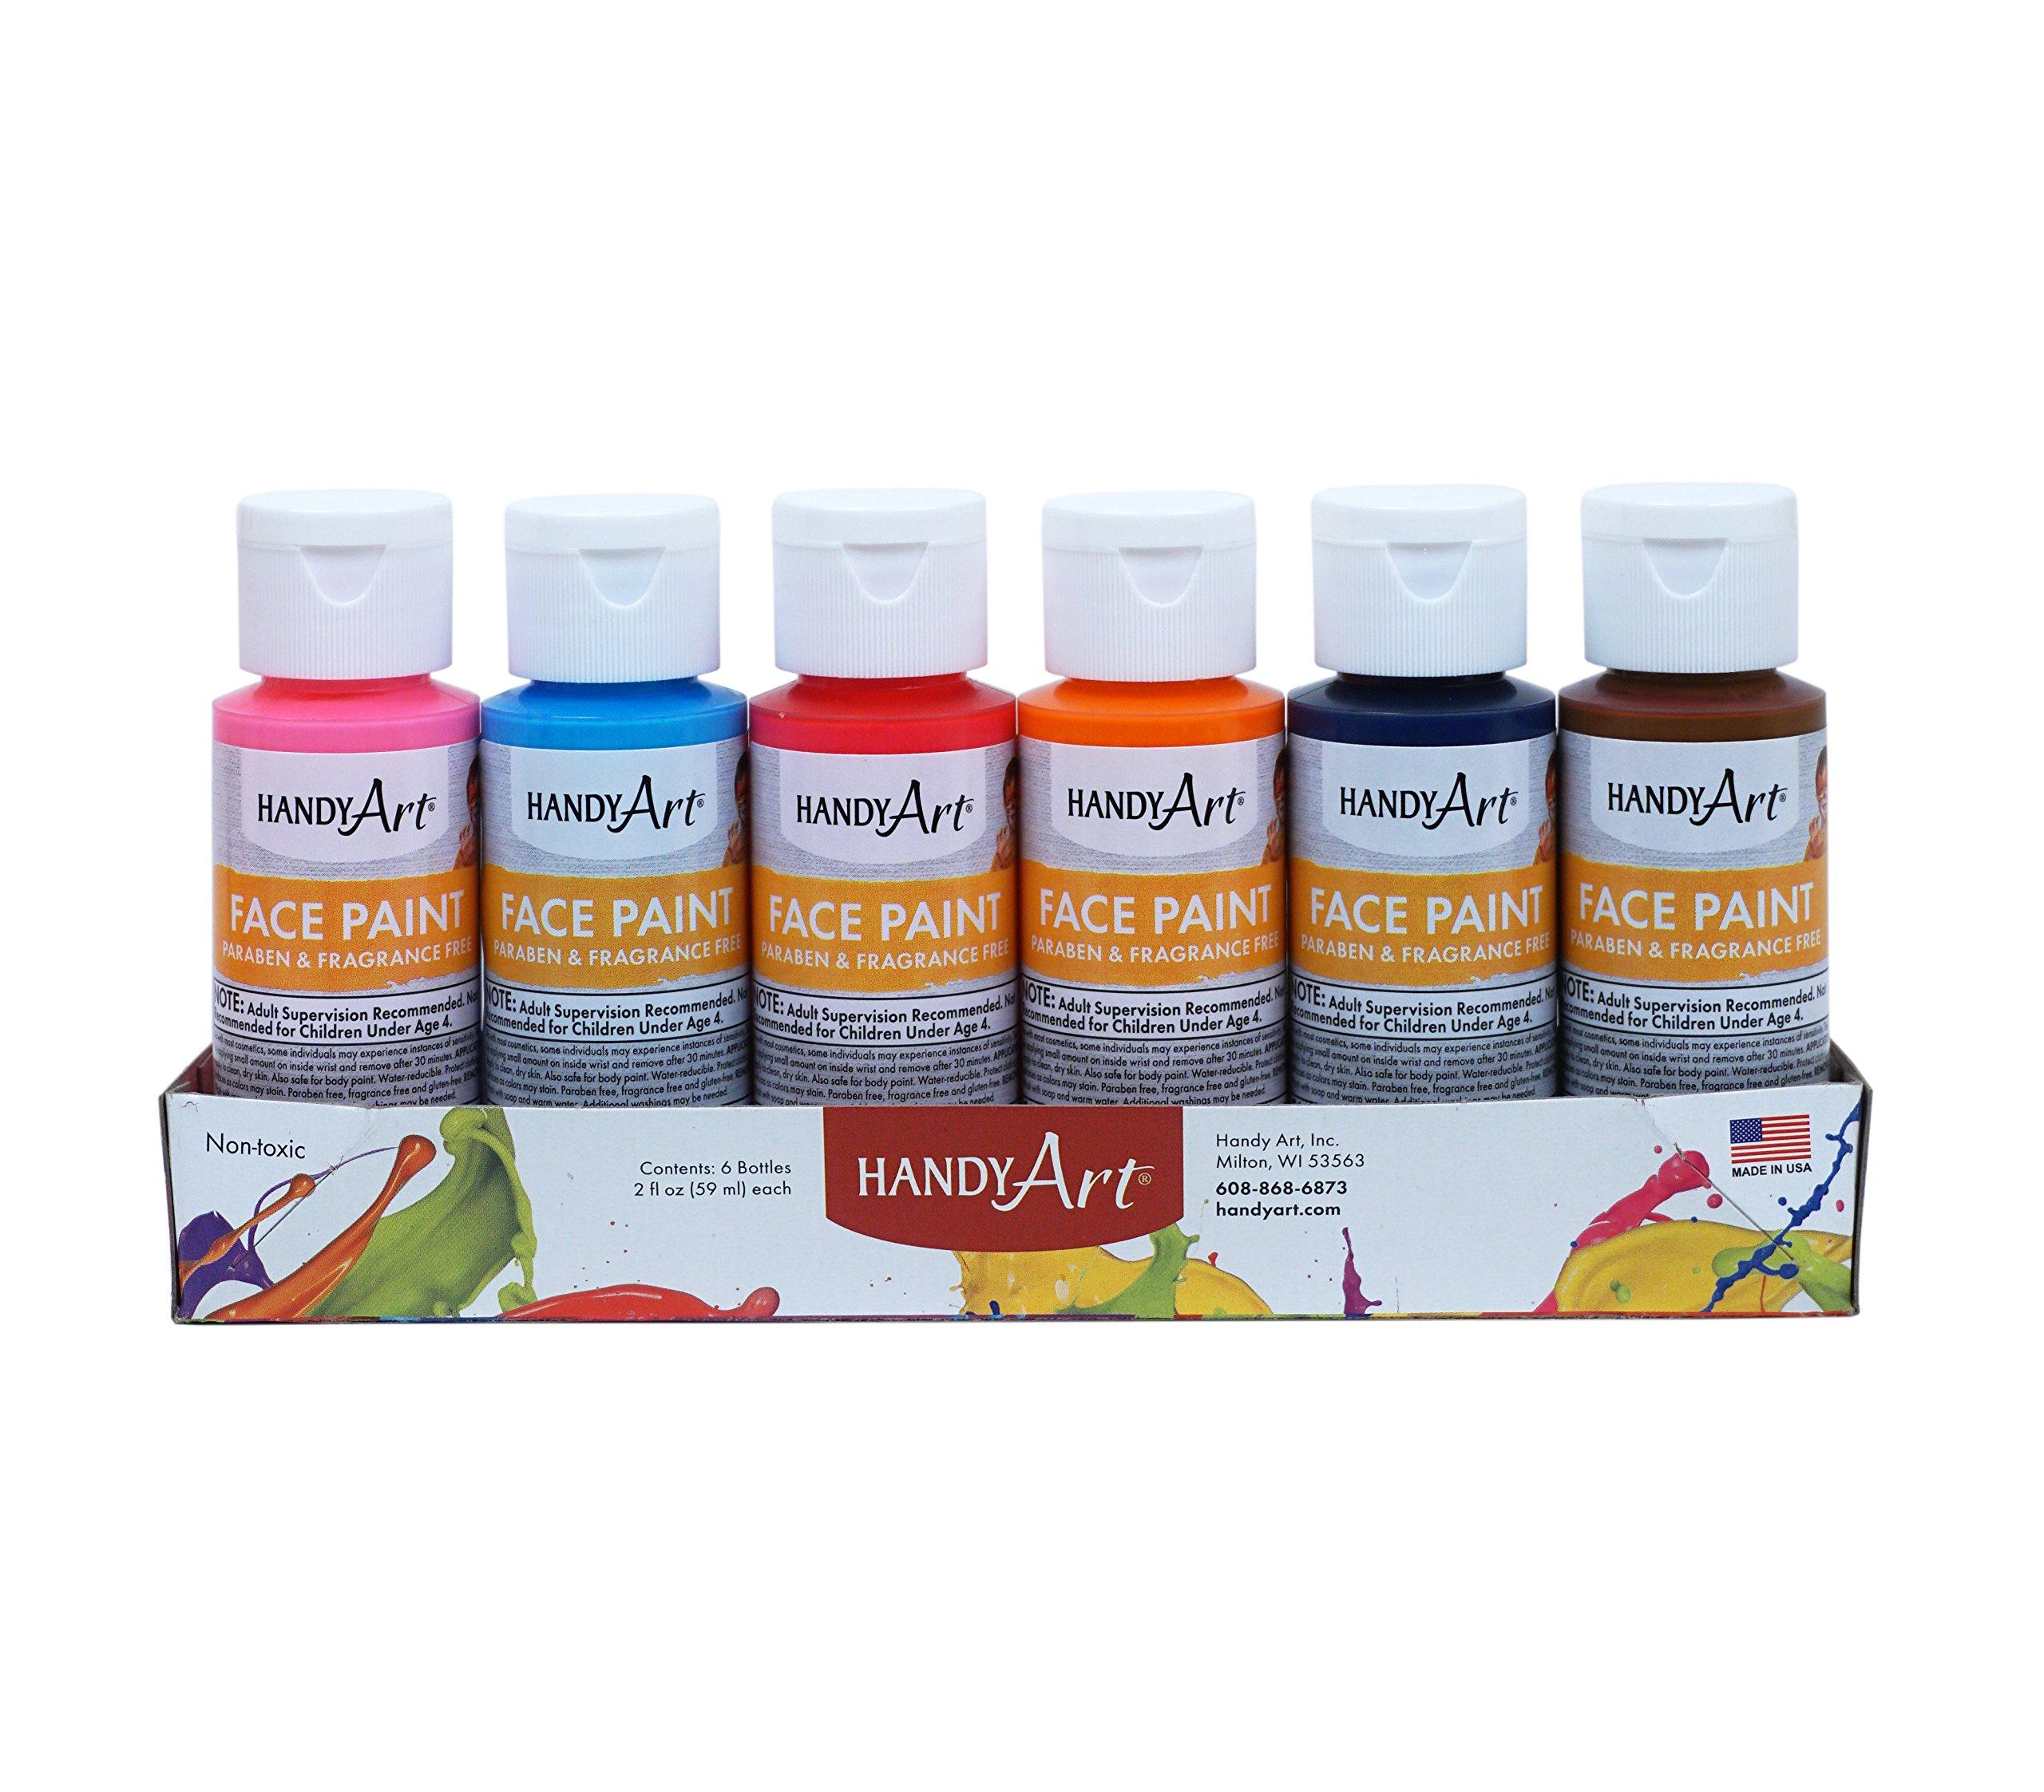 Handy Art 6 Color - 2 Oz Secondary Face Paint Kit